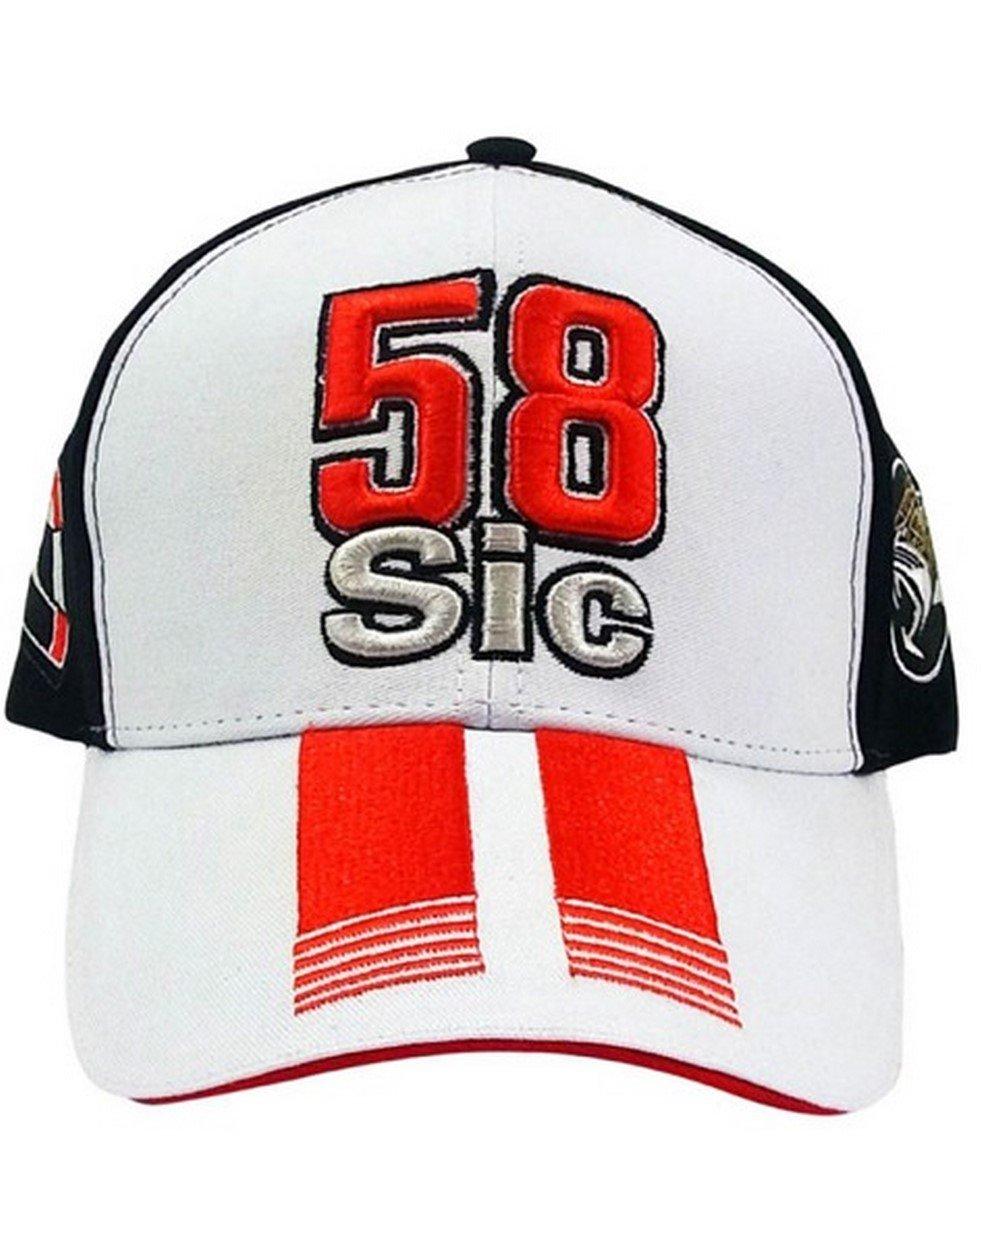 MARCO SIMONCELLI MOTOGP CAP HAT OFFICIAL MERCHANDISE VR46 58 SIC BLACK WHITE GP All Manufacturers